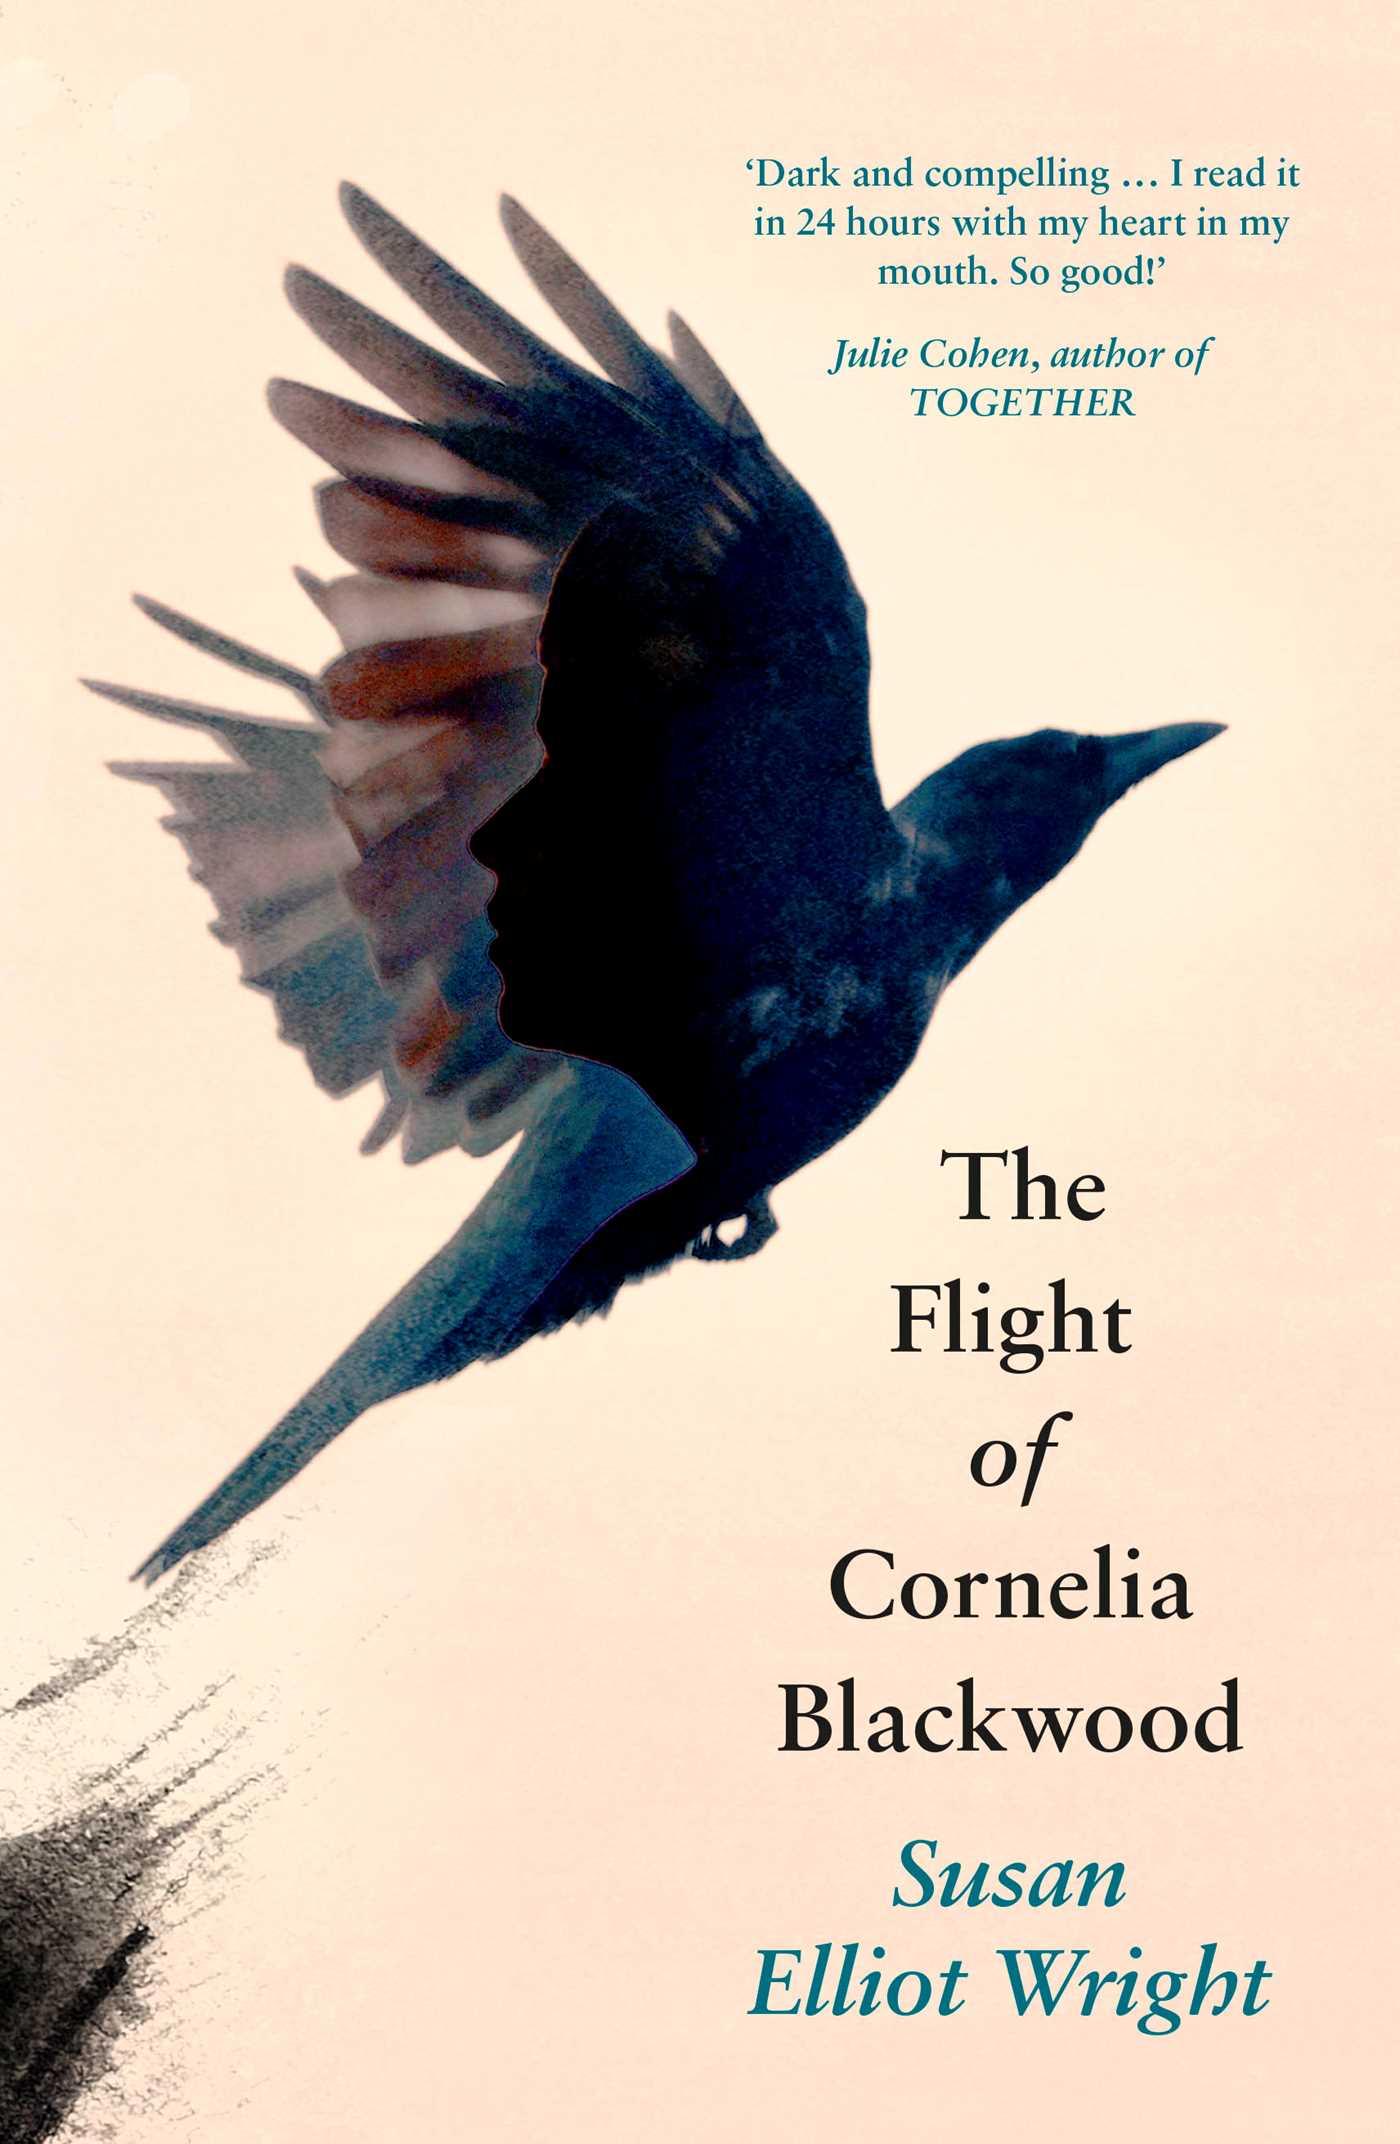 The flight of cornelia blackwood 9781471134548 hr